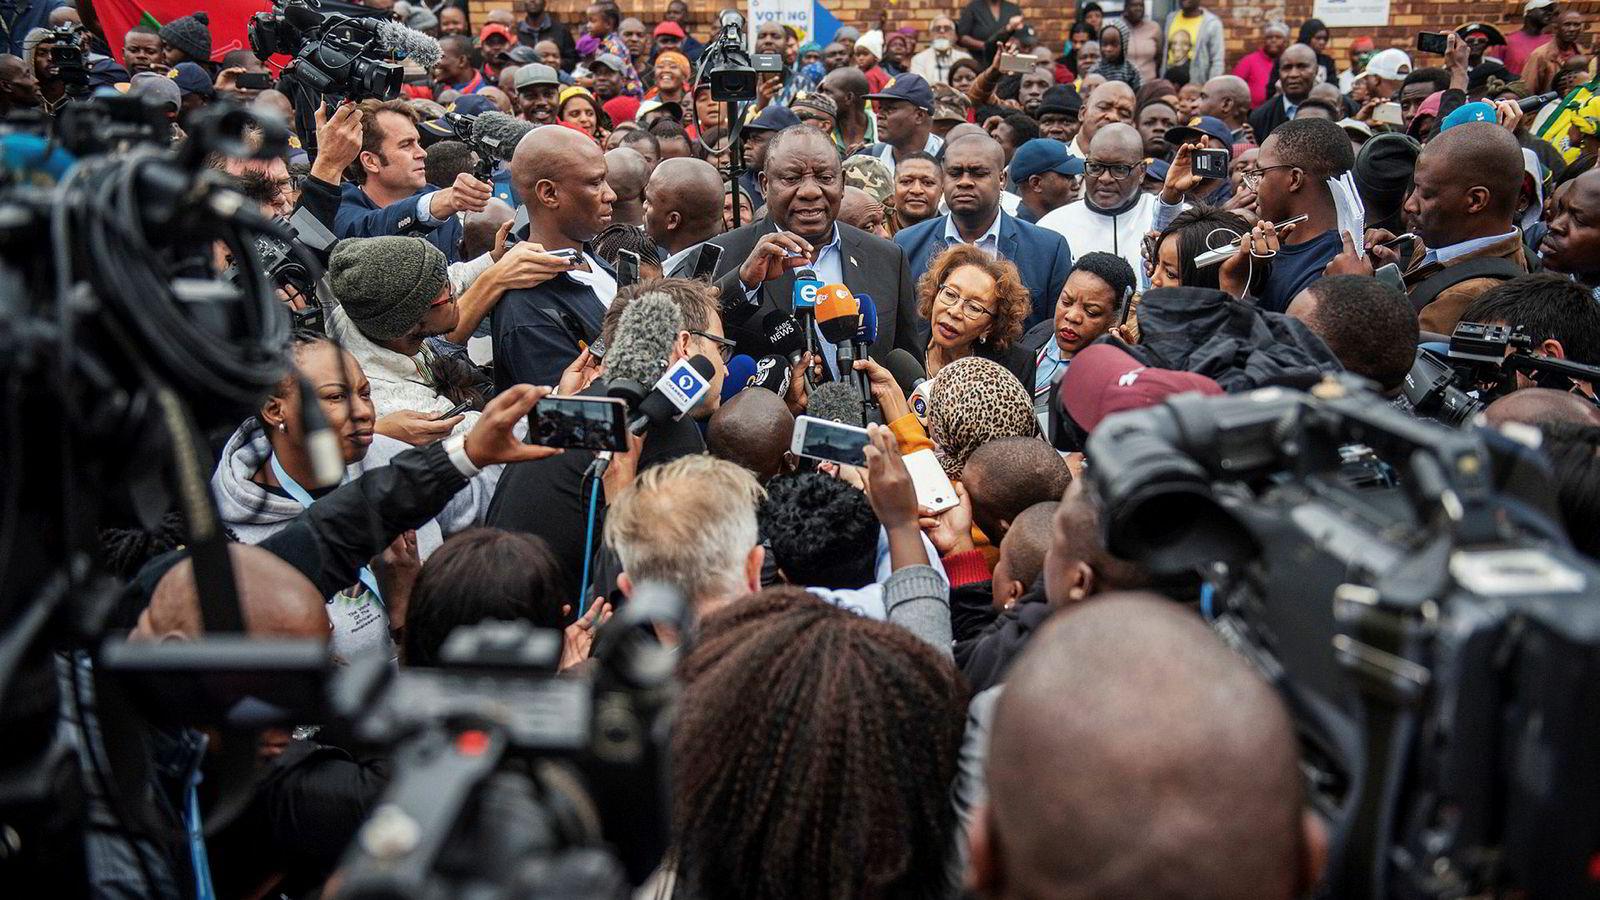 Sør-Afrikas regjeringsparti ANC sikret seg 57,5 prosent av stemmene. Her er landets president Cyril Ramaphosa, fra ANC, ved stemmelokalene.